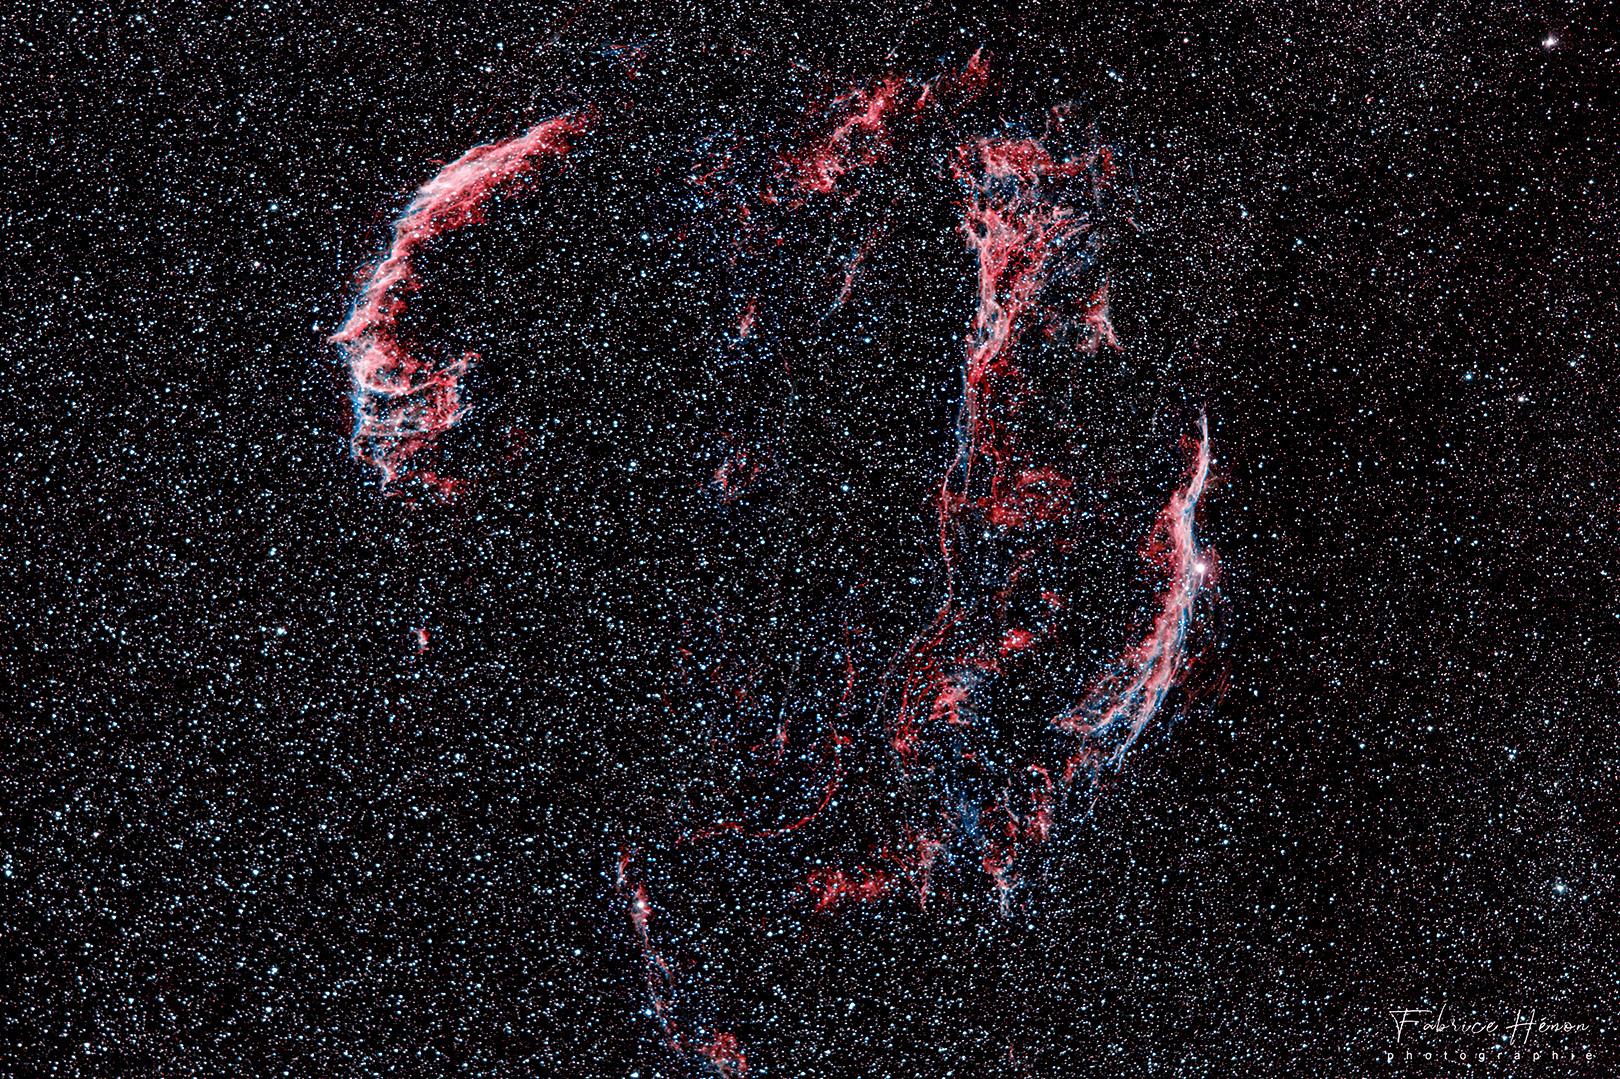 20200710_NGC 6995 DENTELLES DU CYGNE_003.jpg